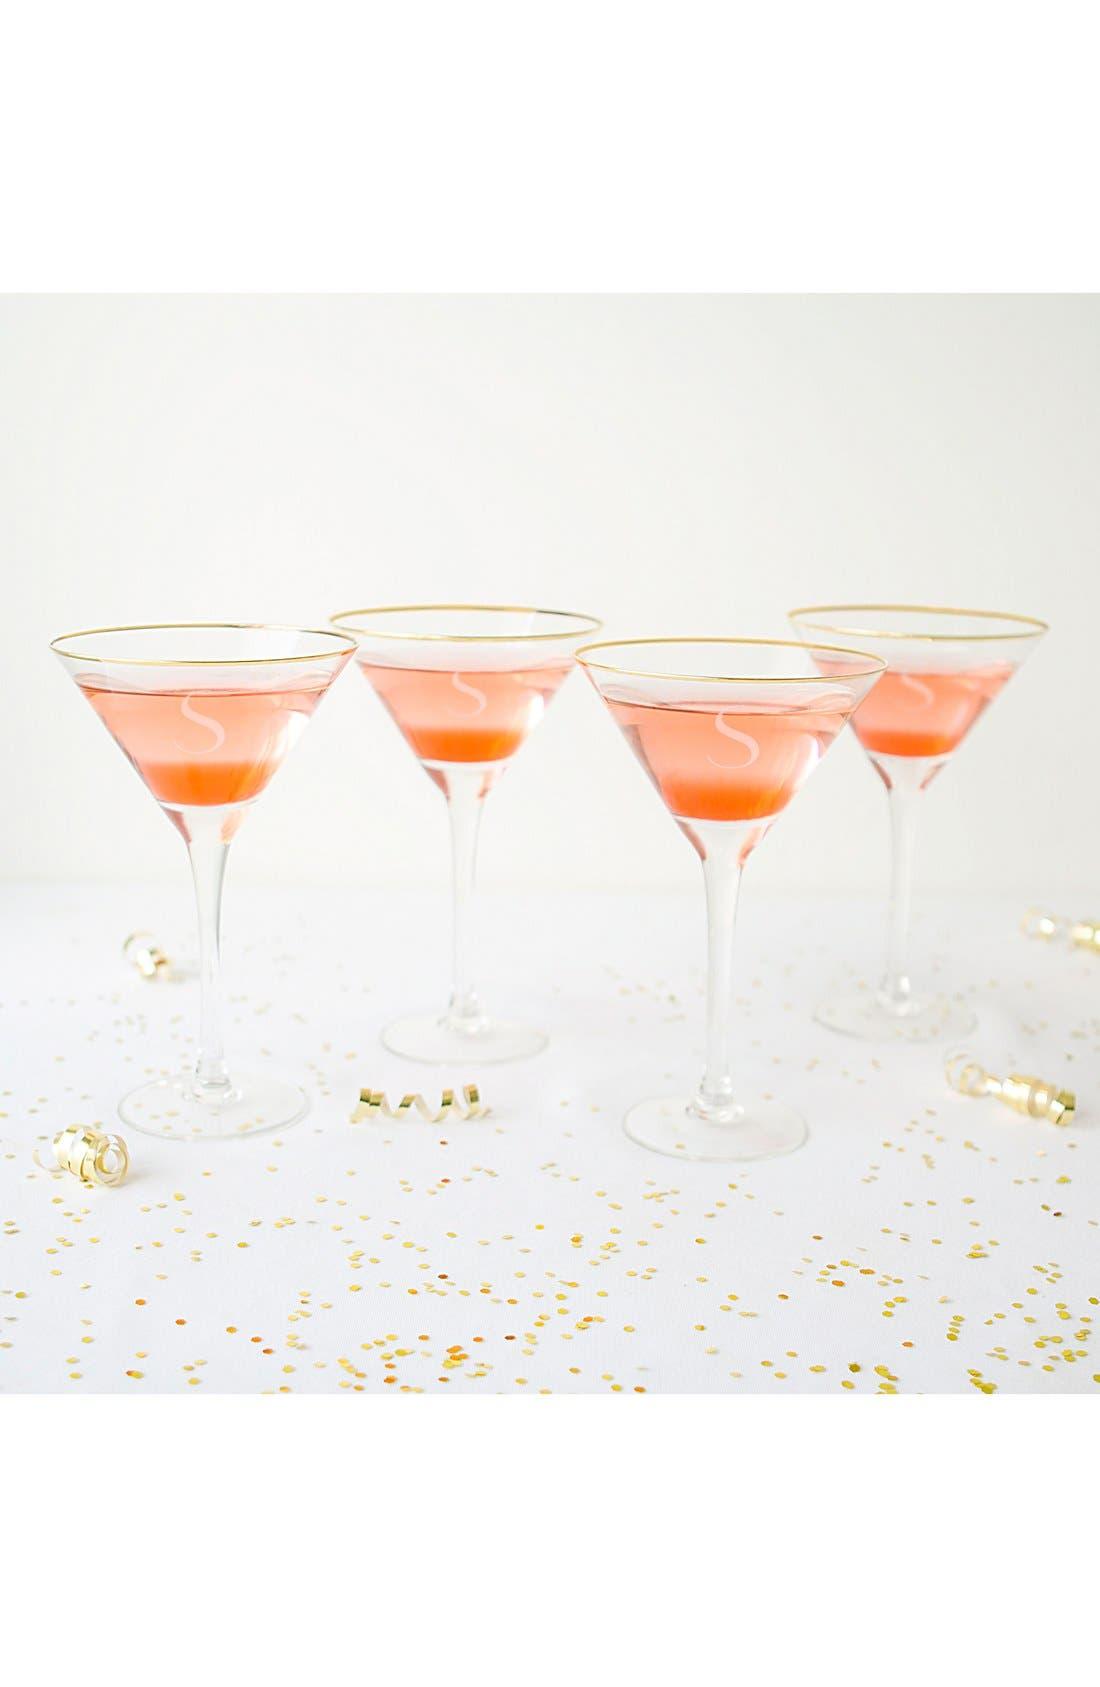 Set of 4 Gold Rimmed Monogram Martini Glasses,                             Alternate thumbnail 2, color,                             710